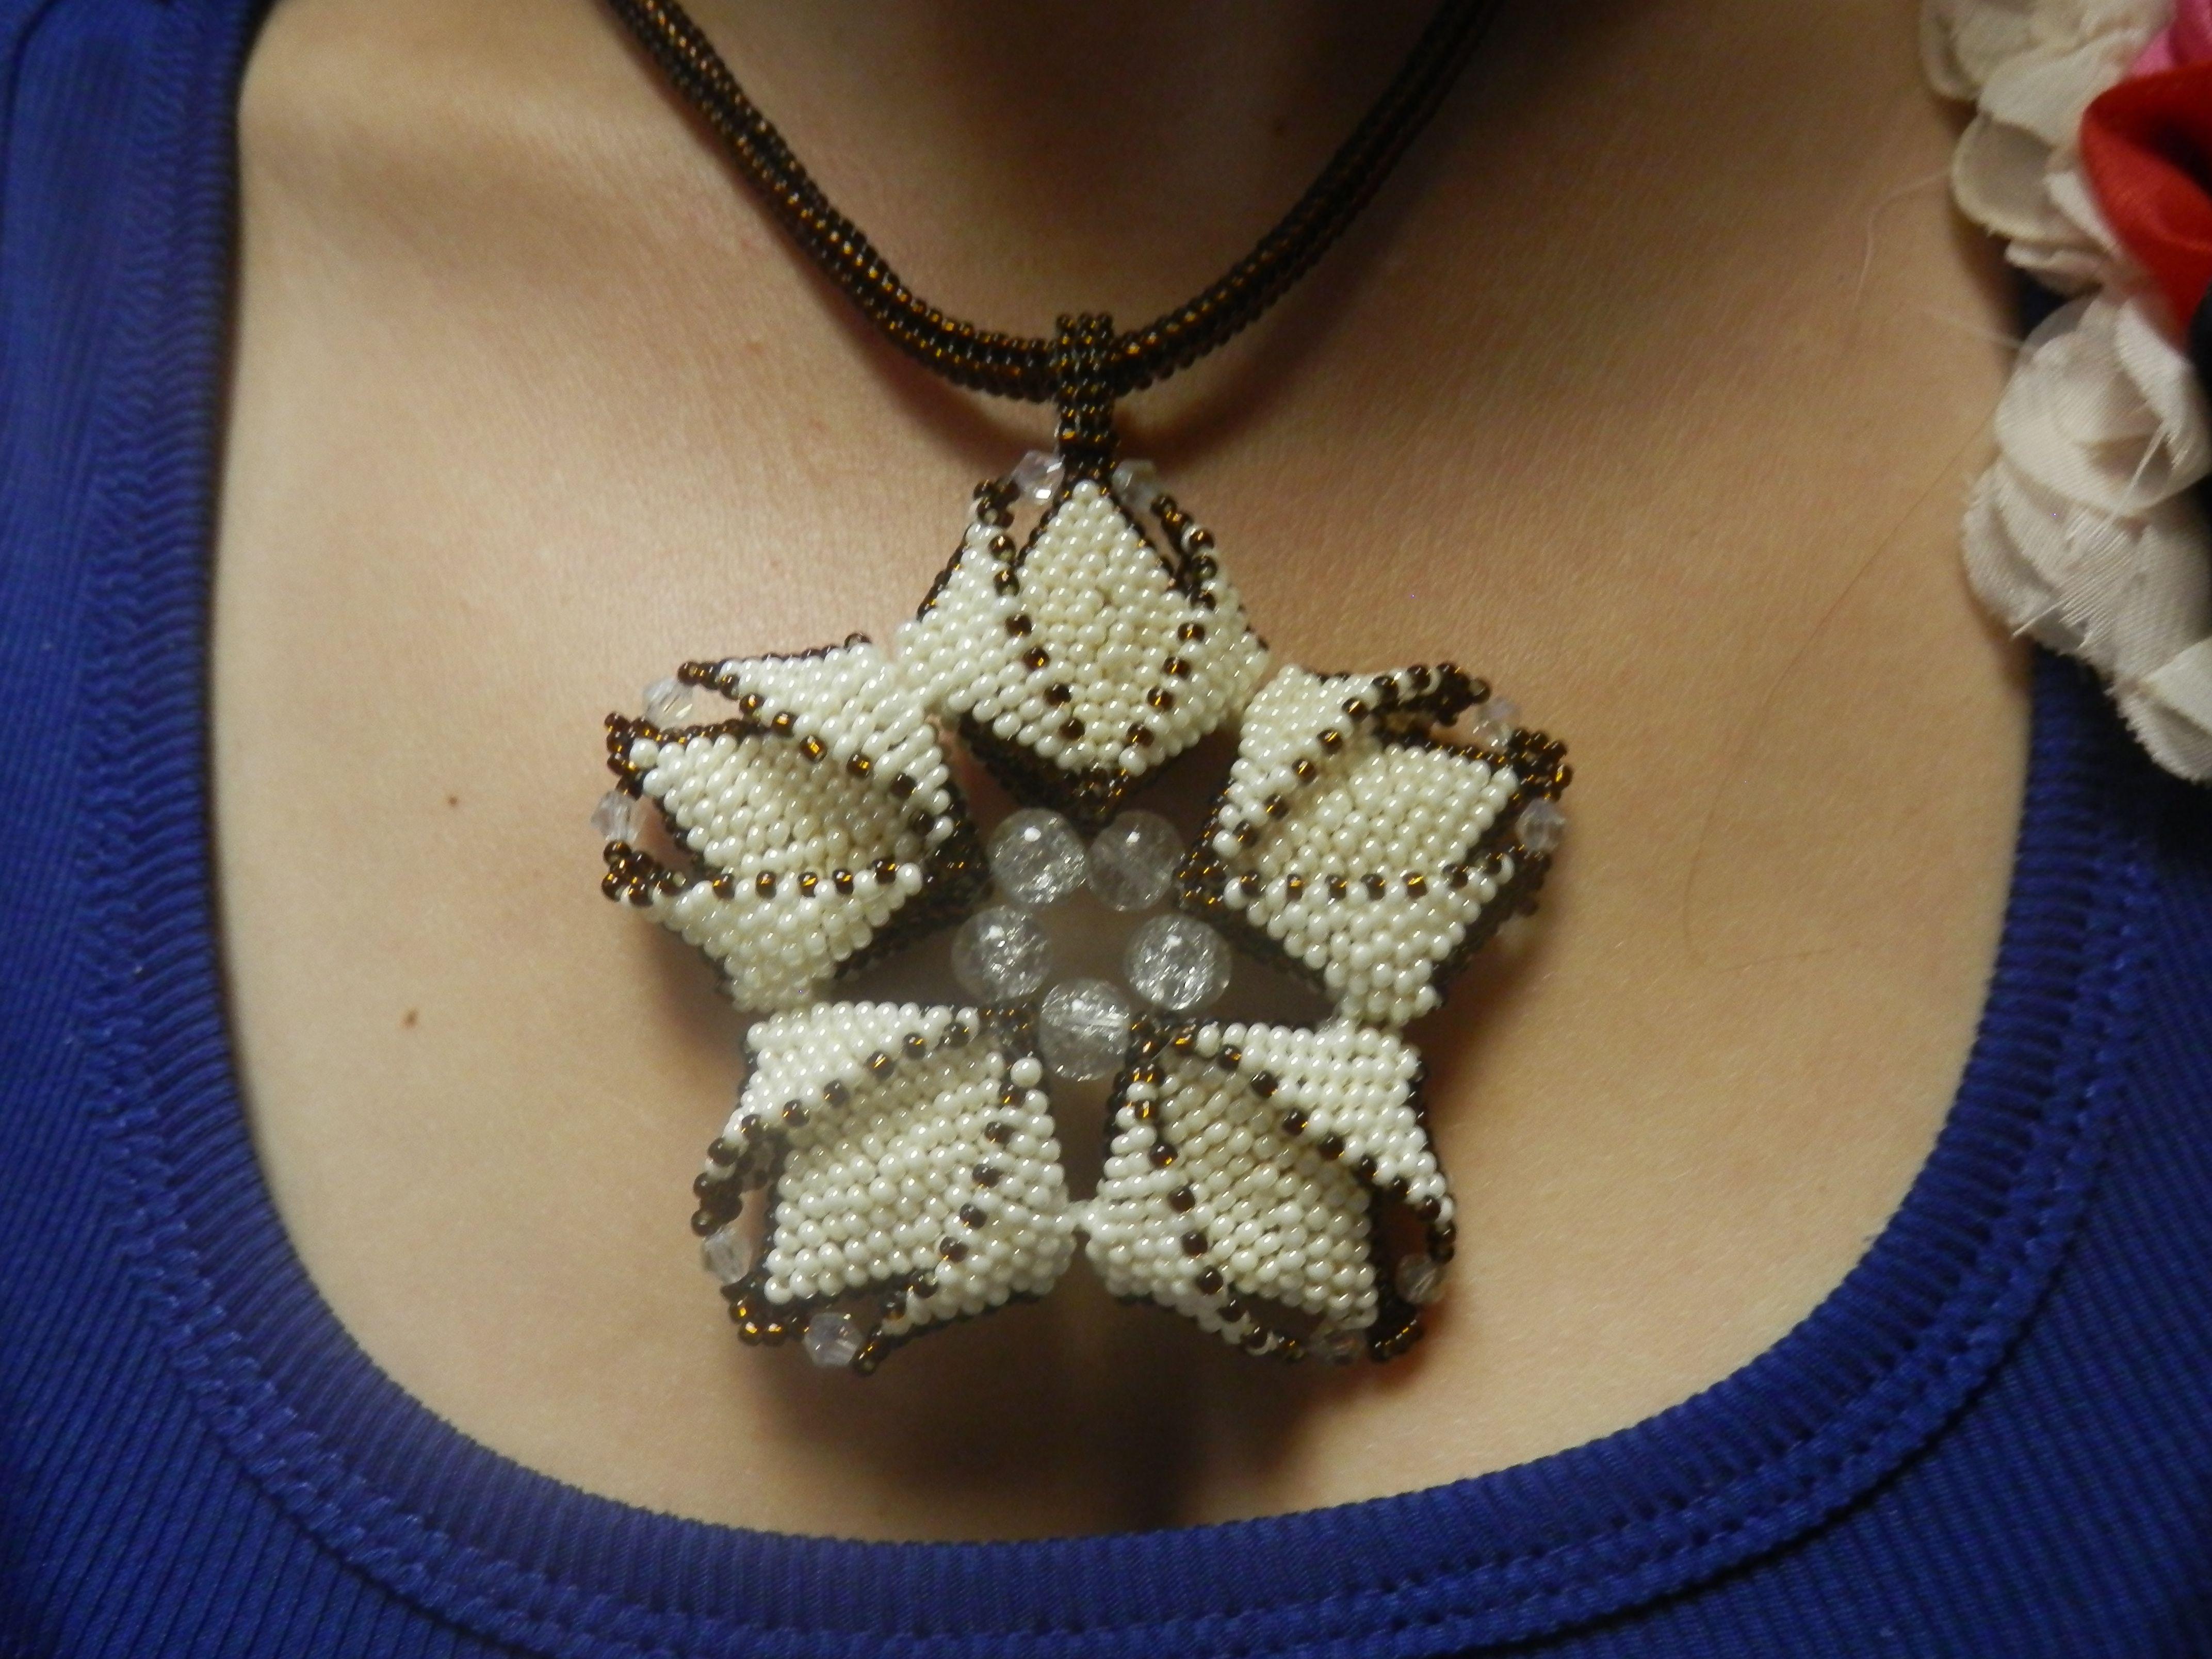 ожерелье подарок бисер украшение